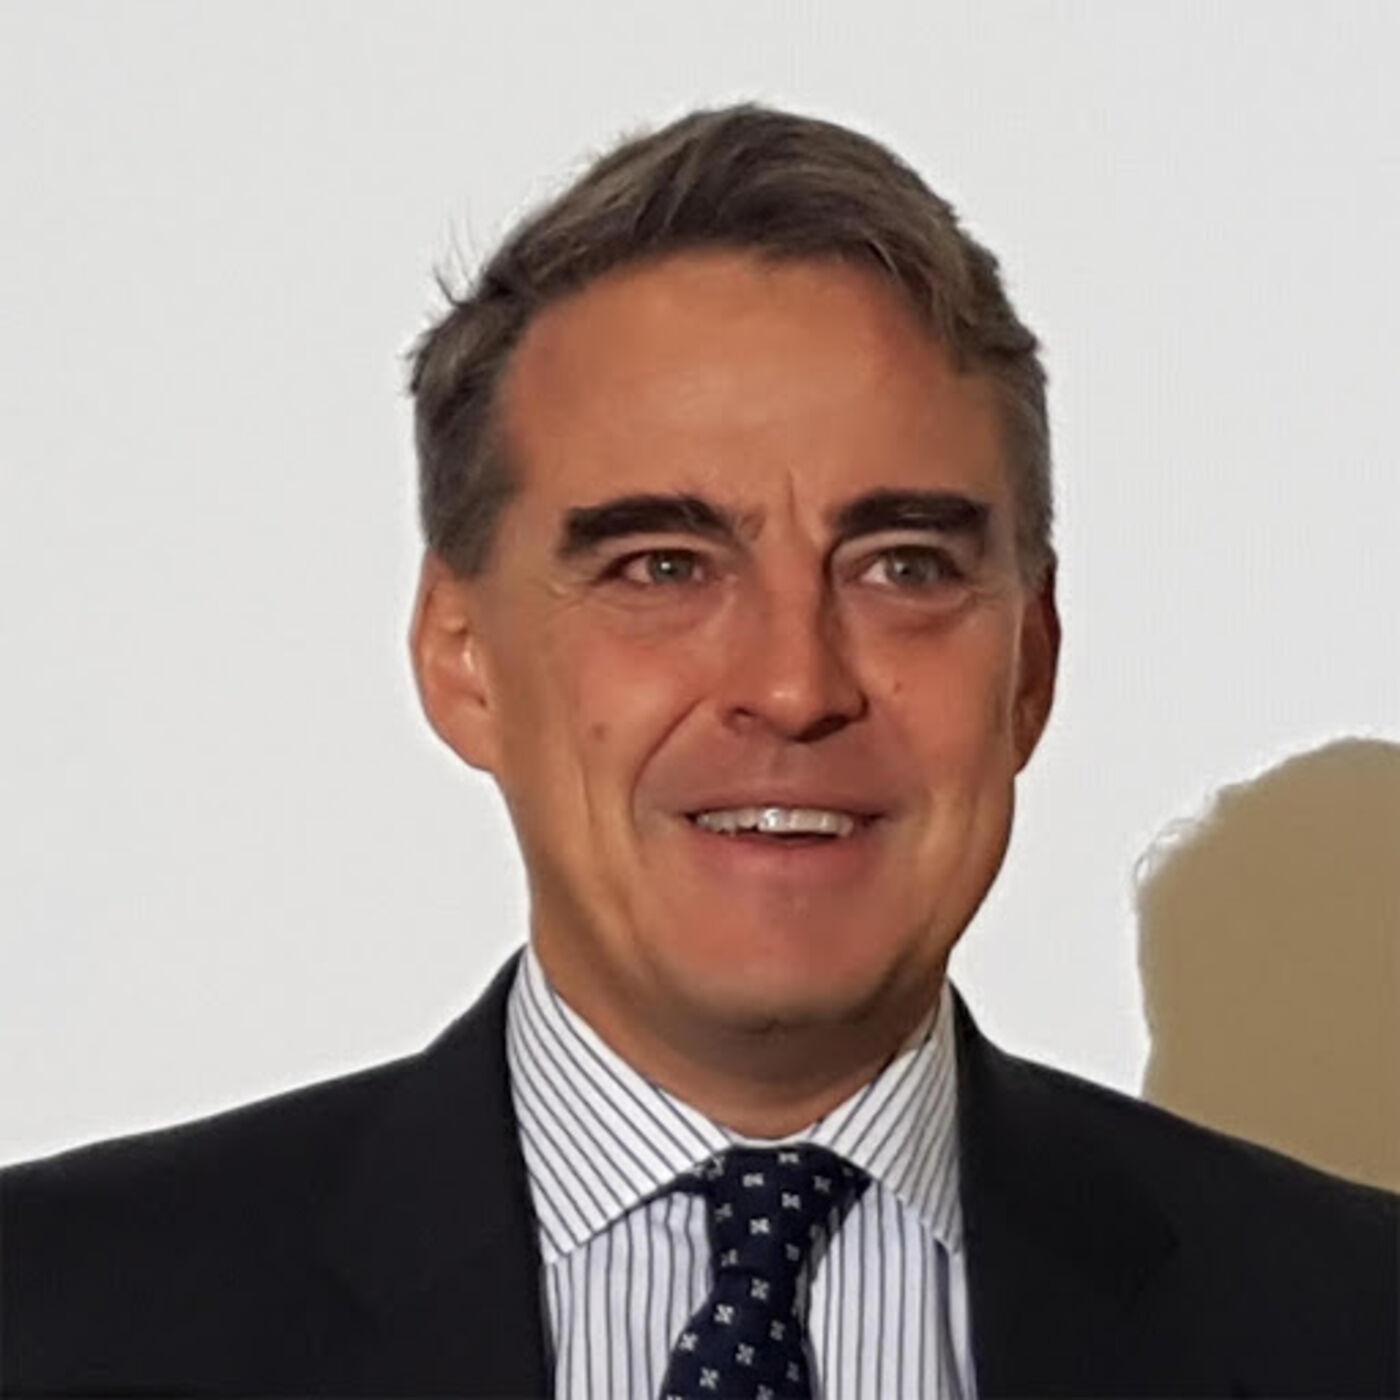 Entretien avec Alexandre de Juniac, directeur général de l'IATA